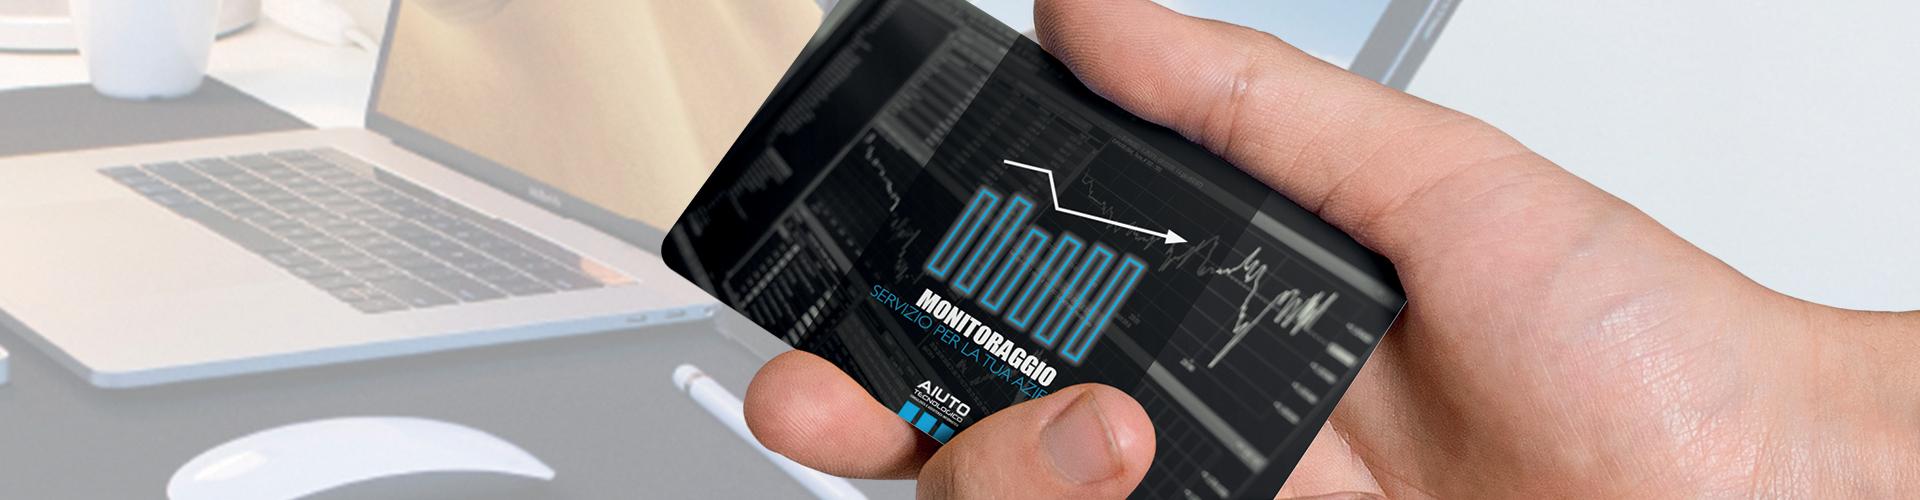 Aiuto Tecnologico: monitoraggio